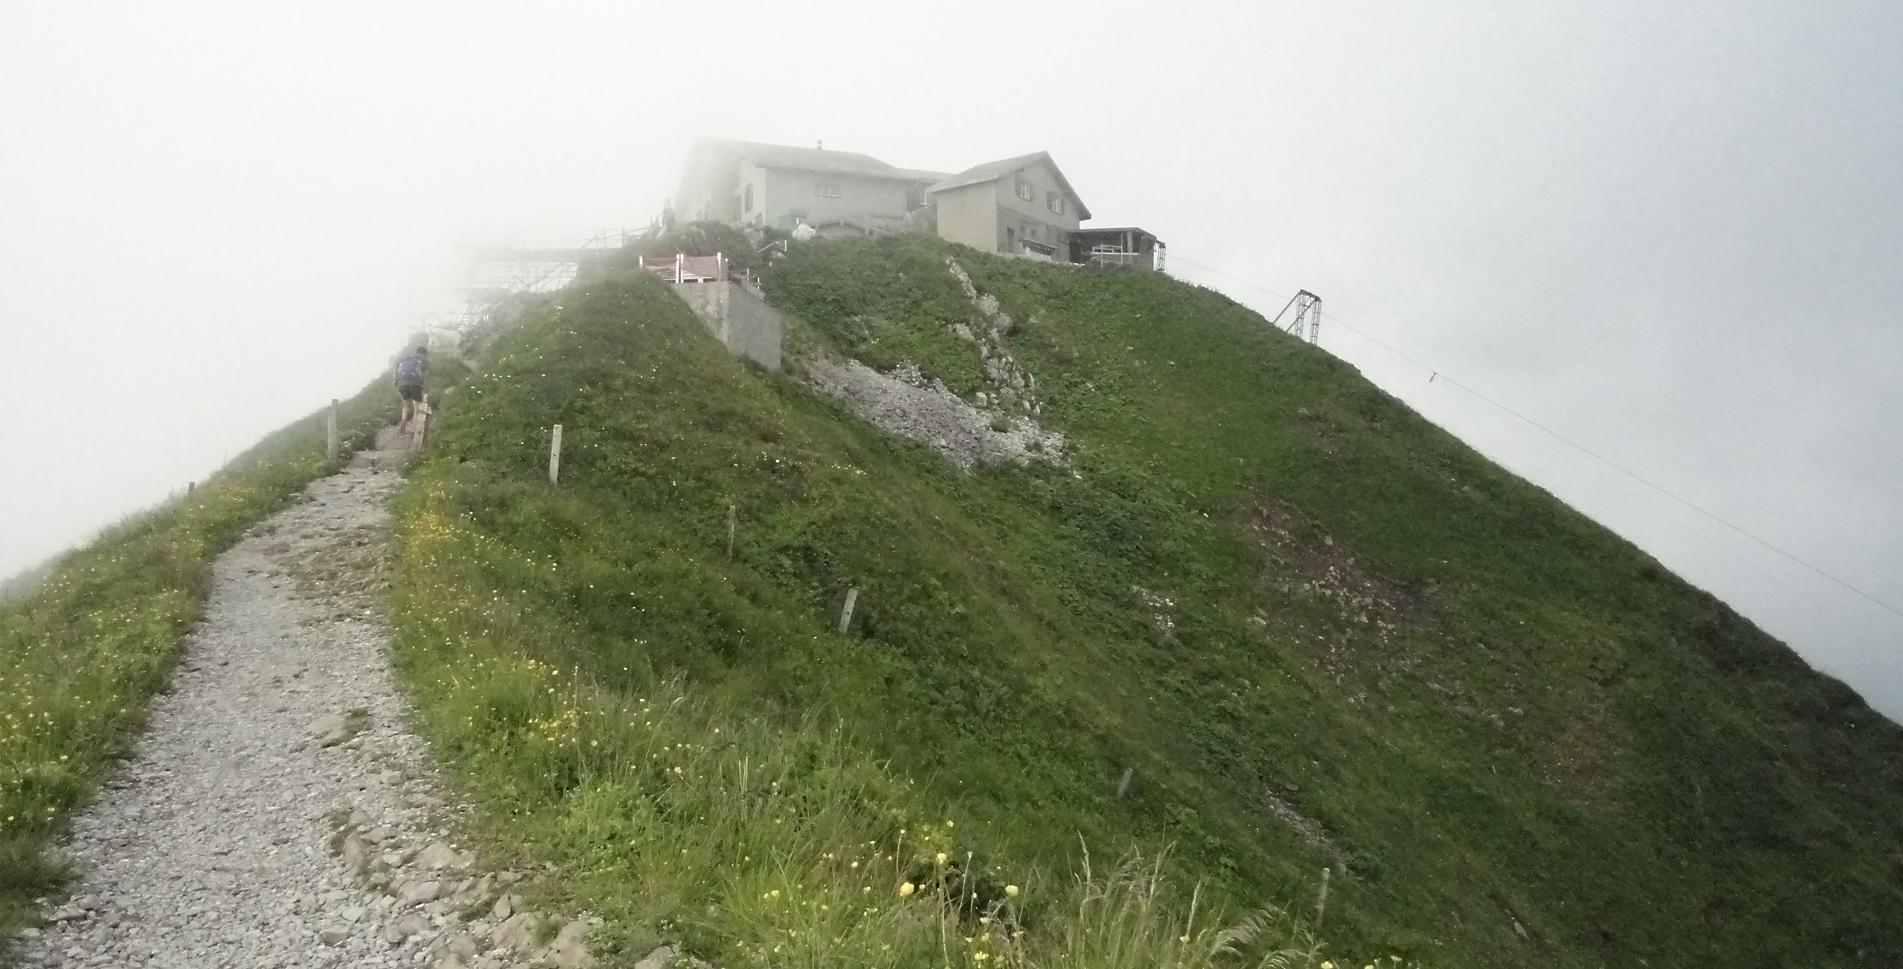 Wanderung im Appenzell (Alpstein) von der Ebenalp via Aescher-Wildkirchli, Berggasthaus Schäfler, Altenalpsattel, Berggasthaus Mesmer, Ageteplatte, Berggashaus Meglisalp, Seealpsee nach Wasserauen